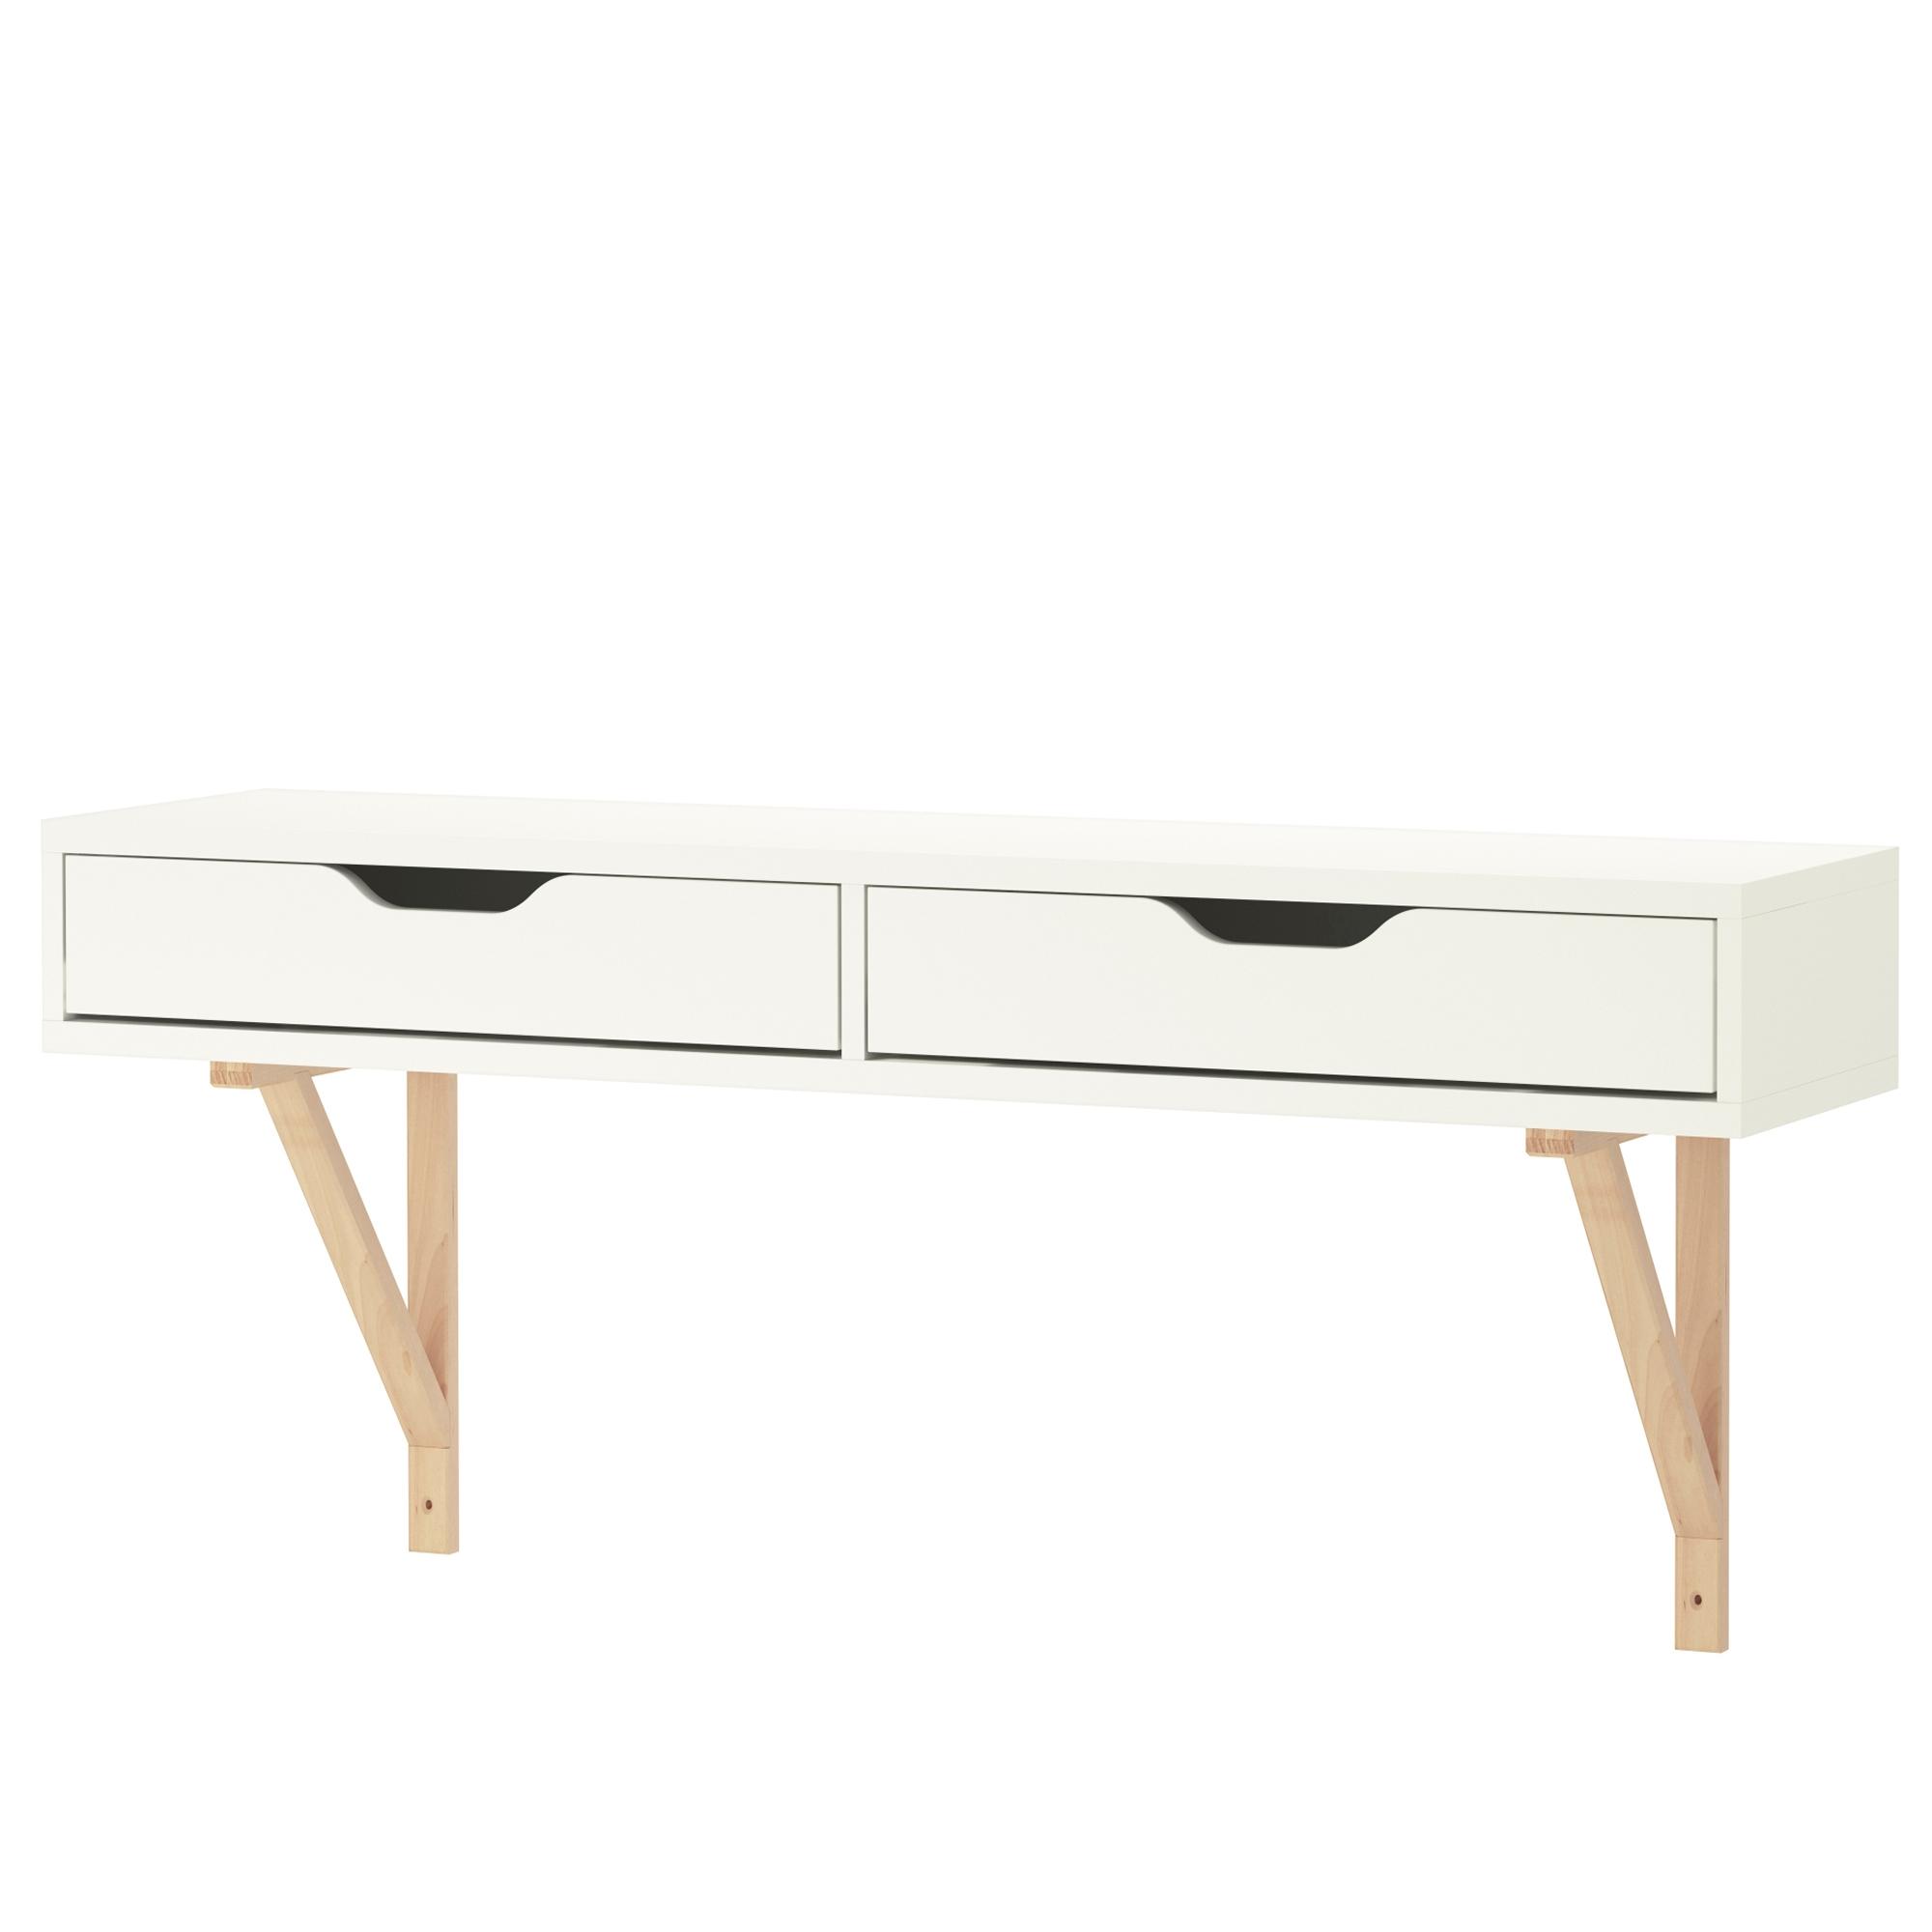 ekby alex ekby valter shelf with drawer. Black Bedroom Furniture Sets. Home Design Ideas